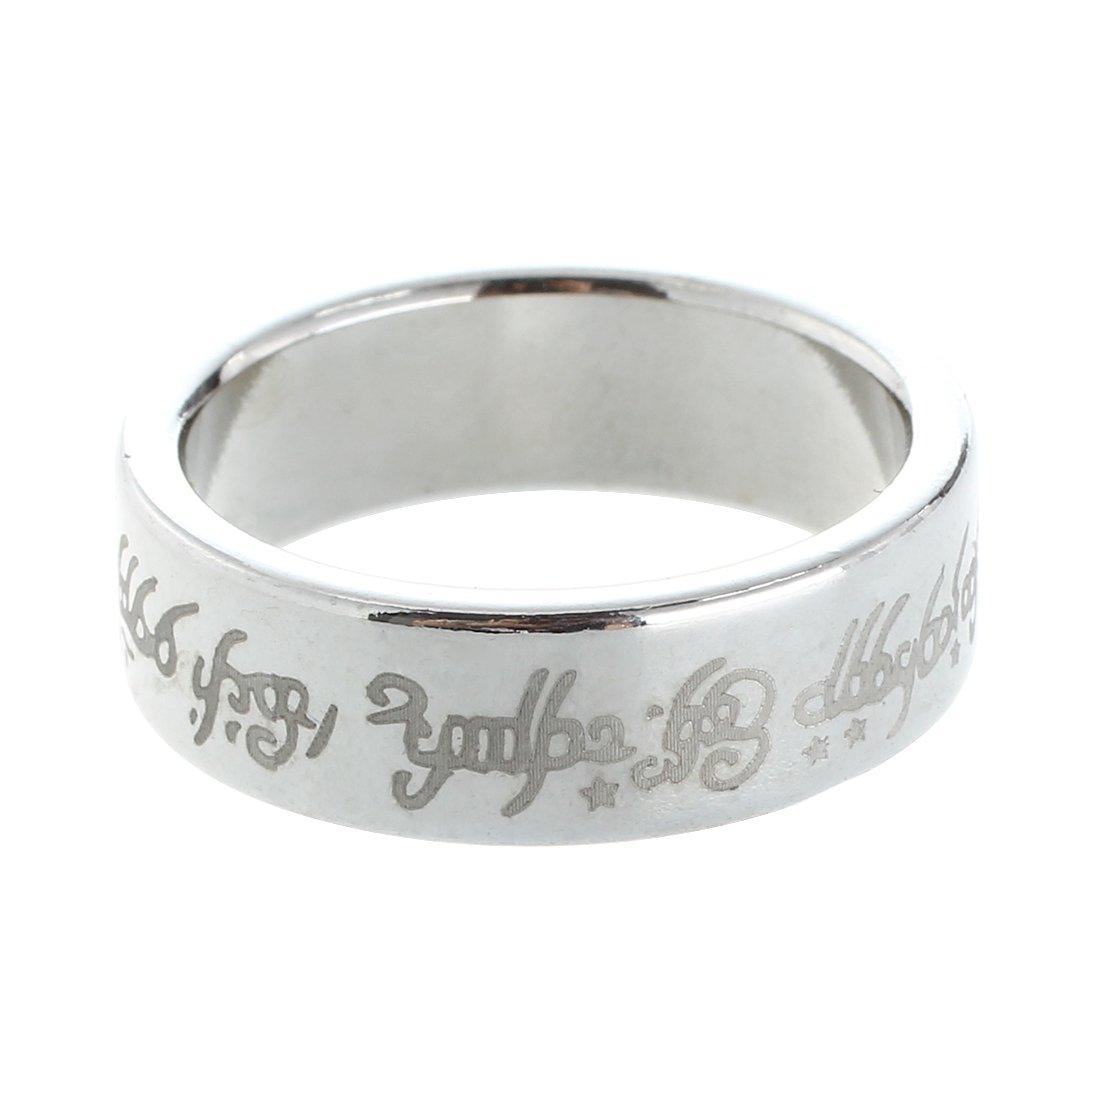 anello magnetico - TOOGOO(R) 1 x magnetica anello anello magnetico anelli magici magia Trucco magico colore argento